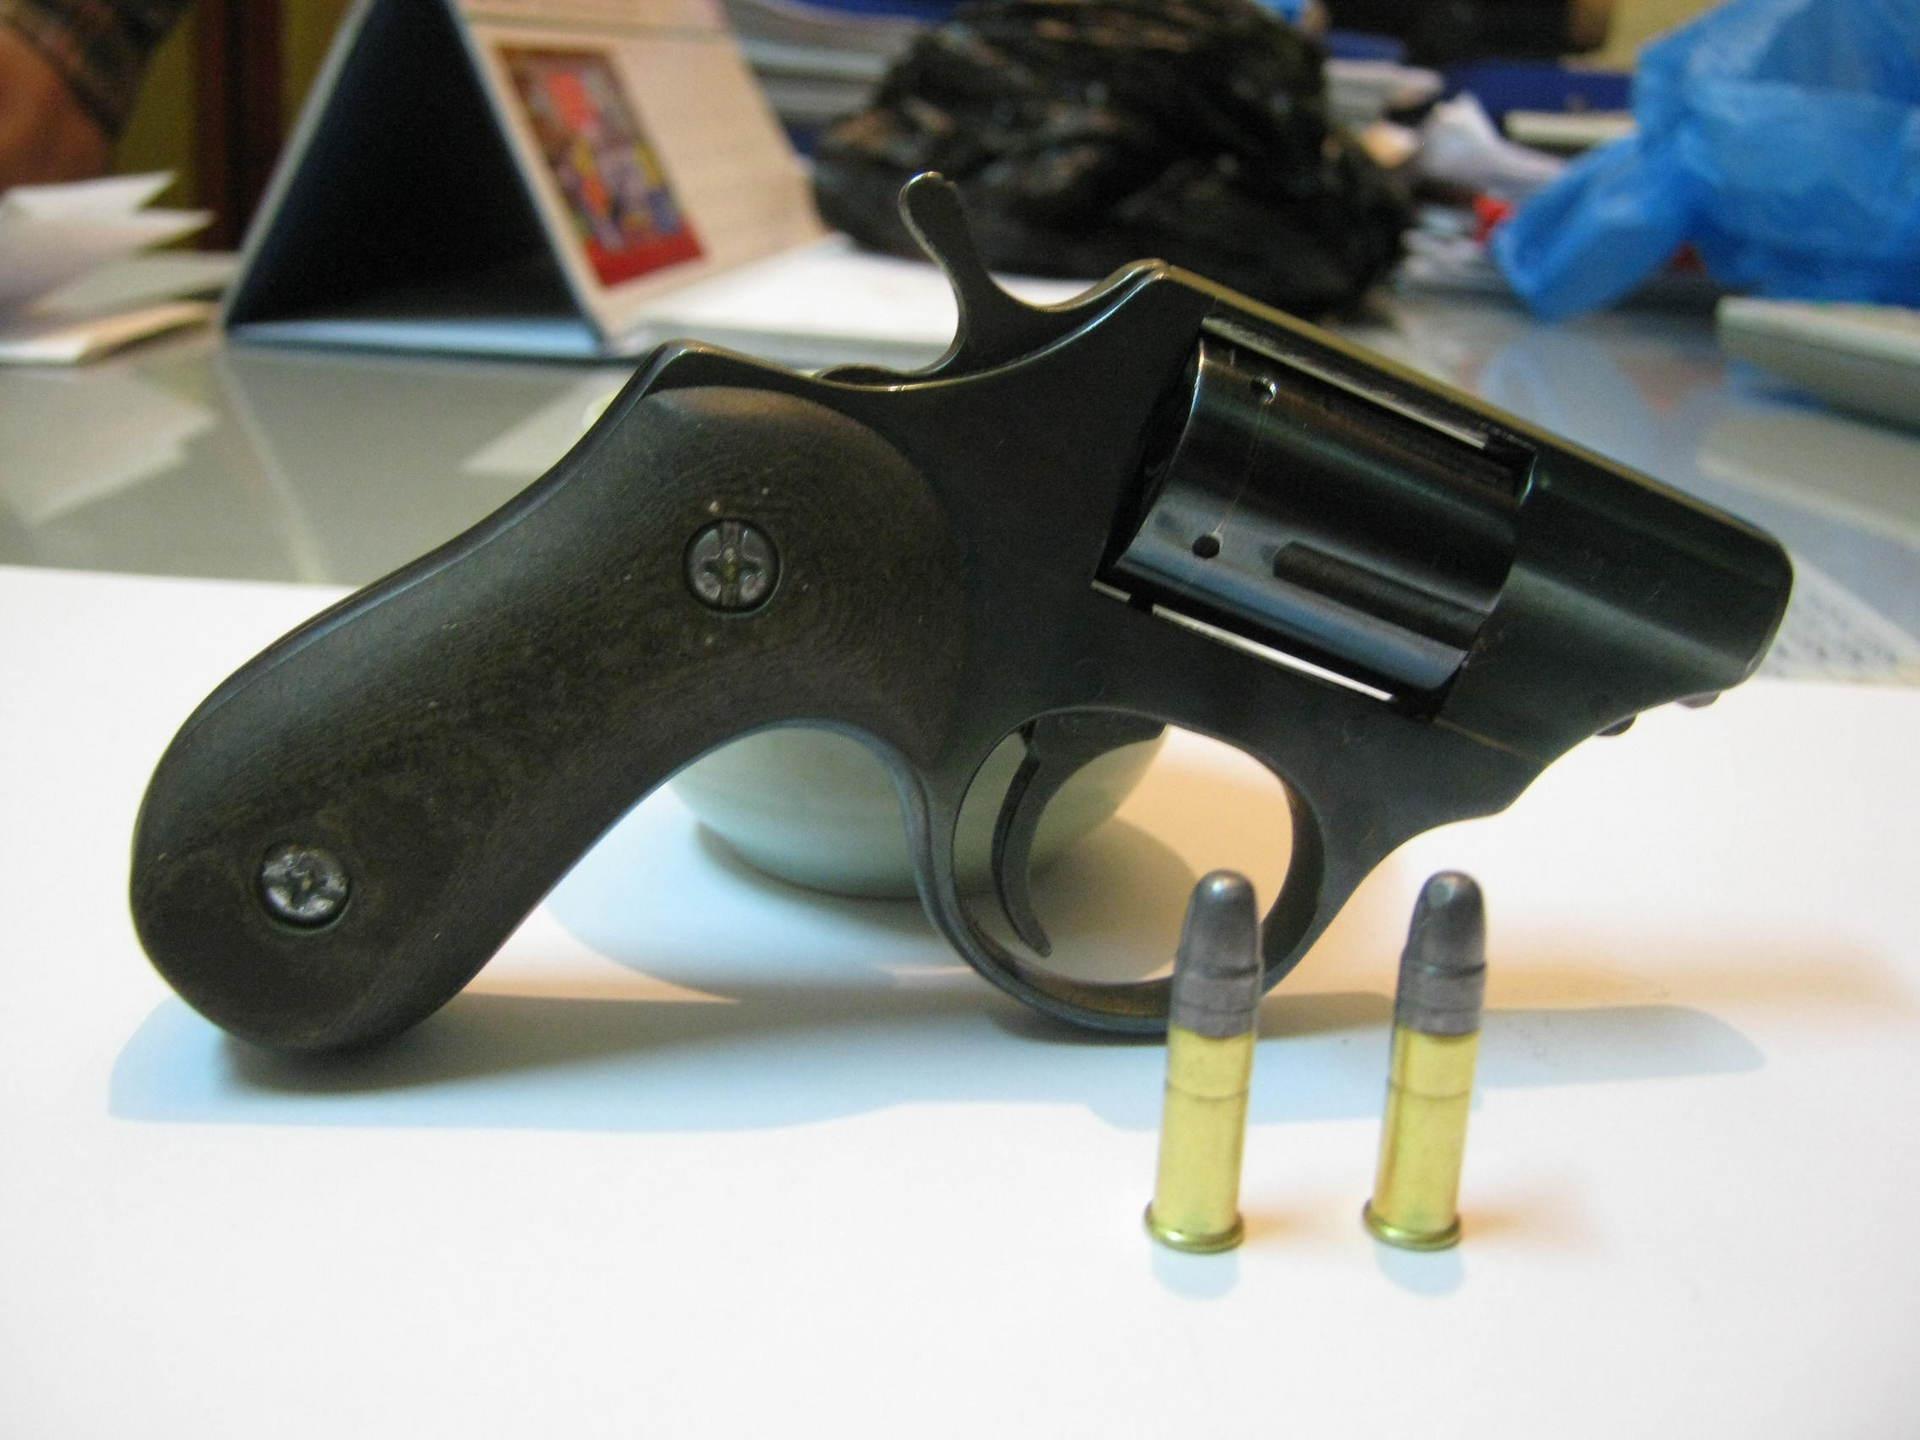 могут быть фото самодельные револьверы одно фото